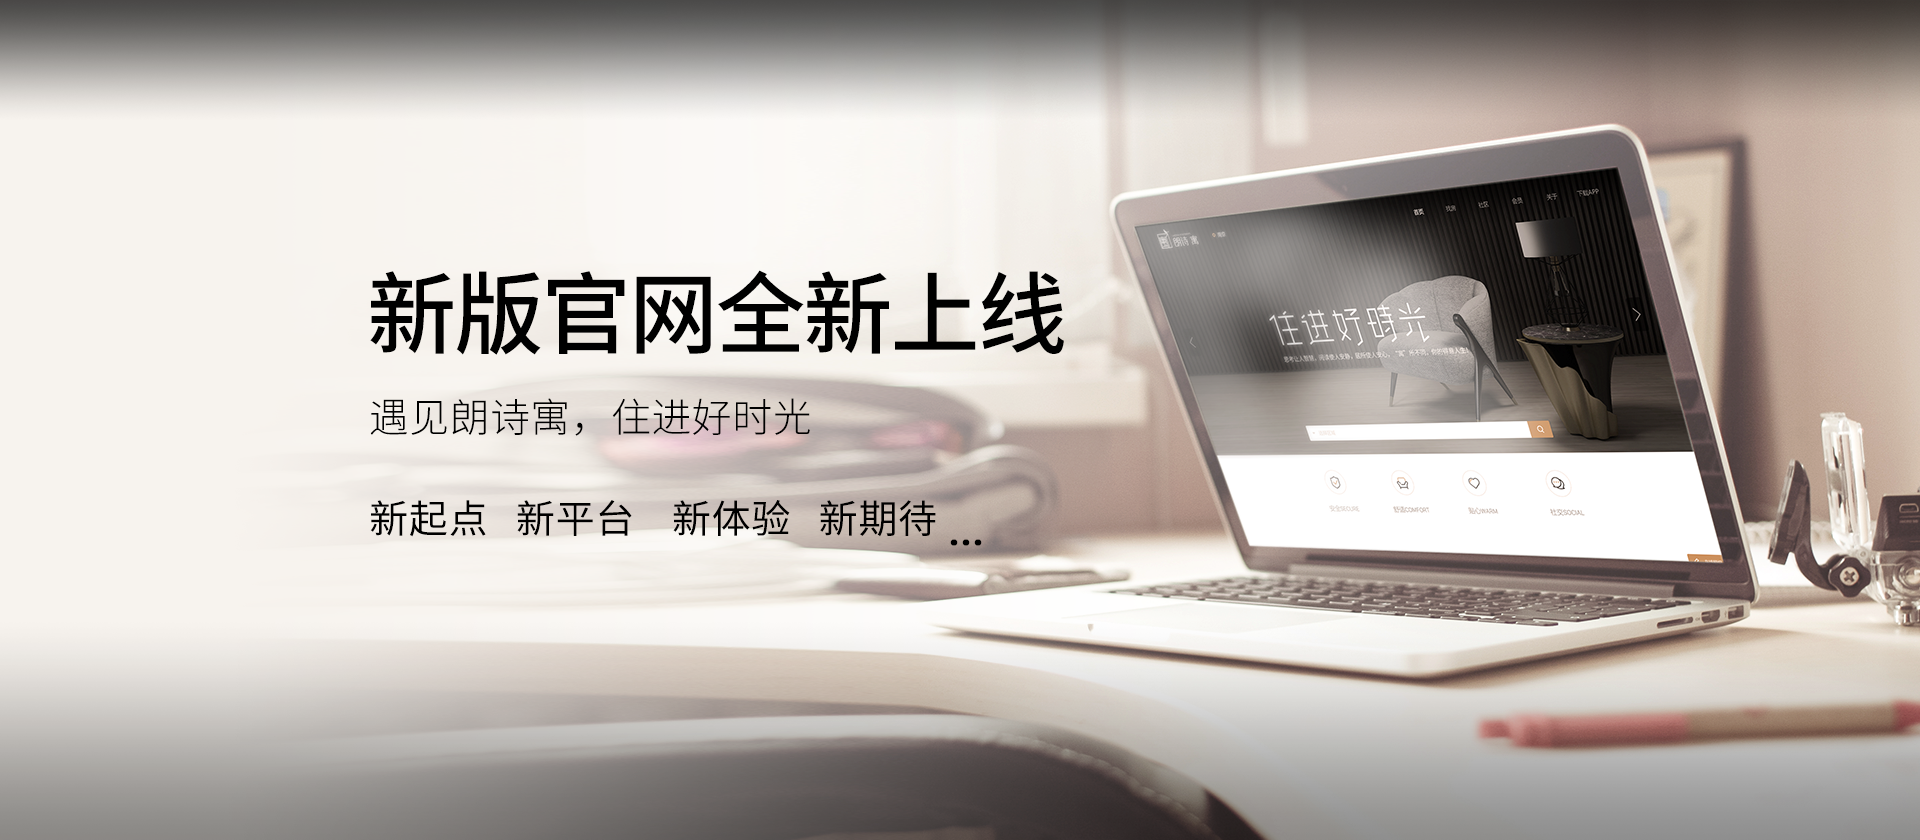 新官网上线